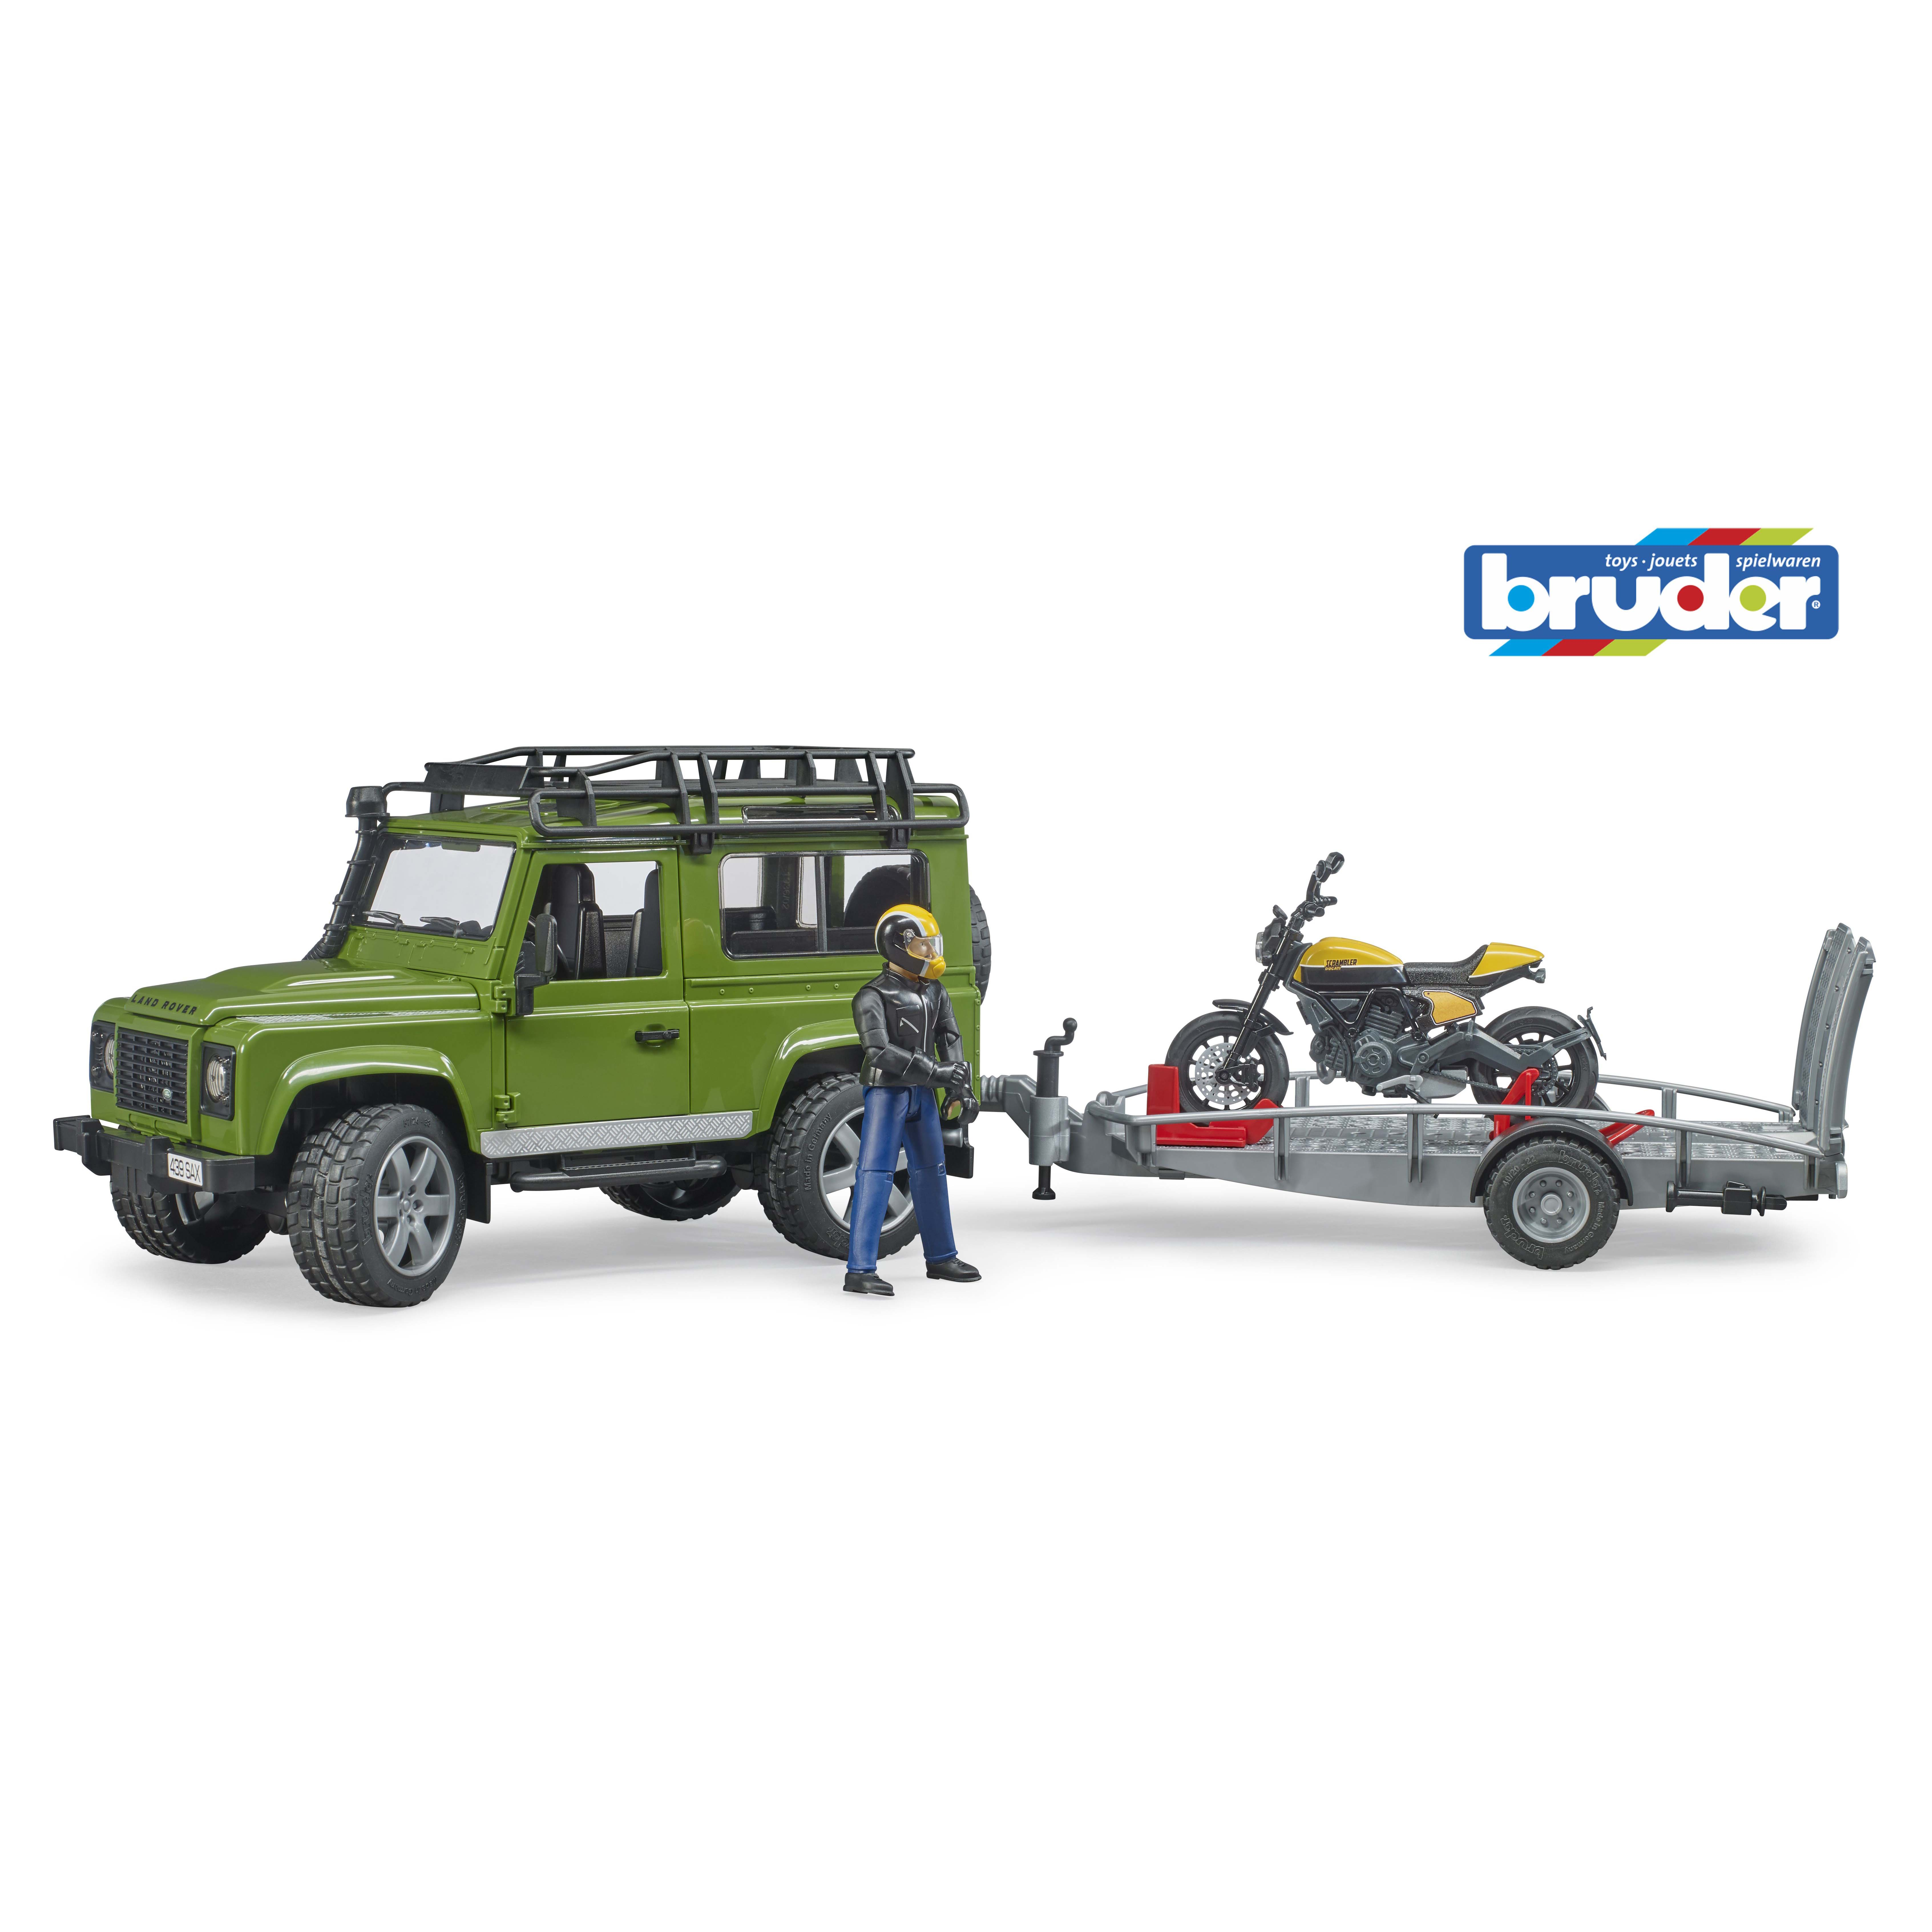 Afbeelding van Auto Landrover Met Motor